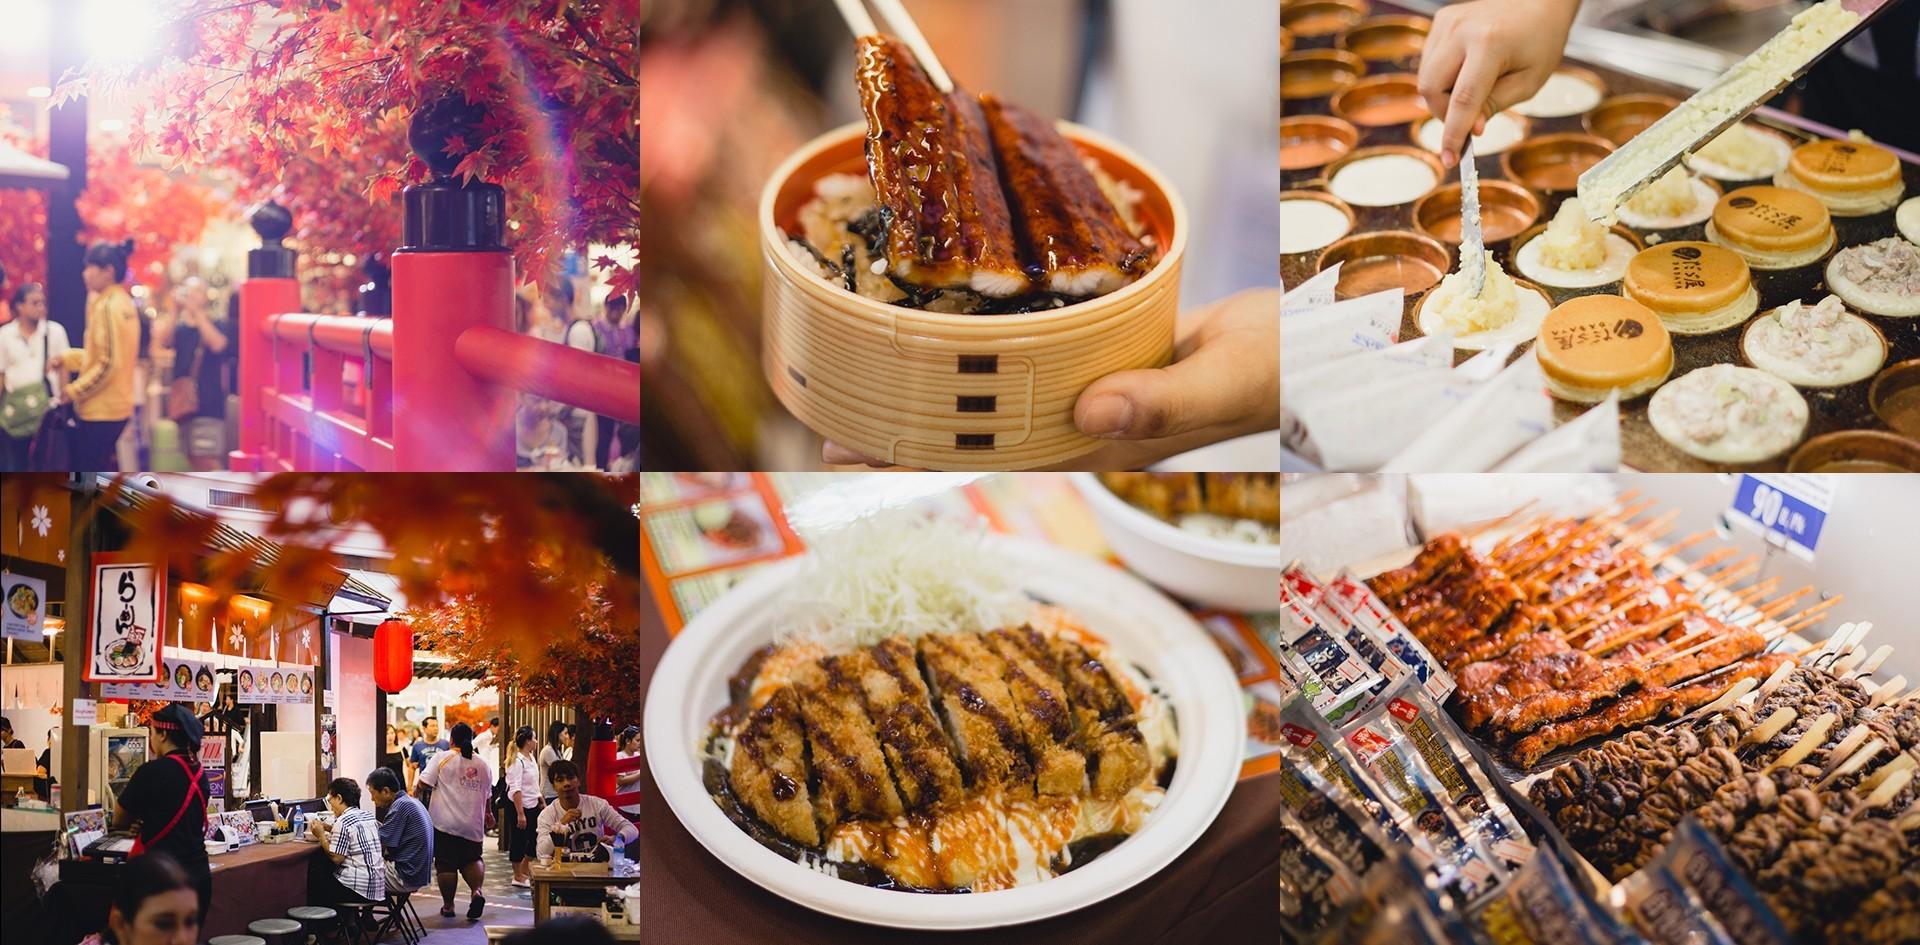 เหมือนอยู่ญี่ปุ่น! ชวนช็อป ชม ชิมอาหารในงาน Japan Discovery Shoryudo